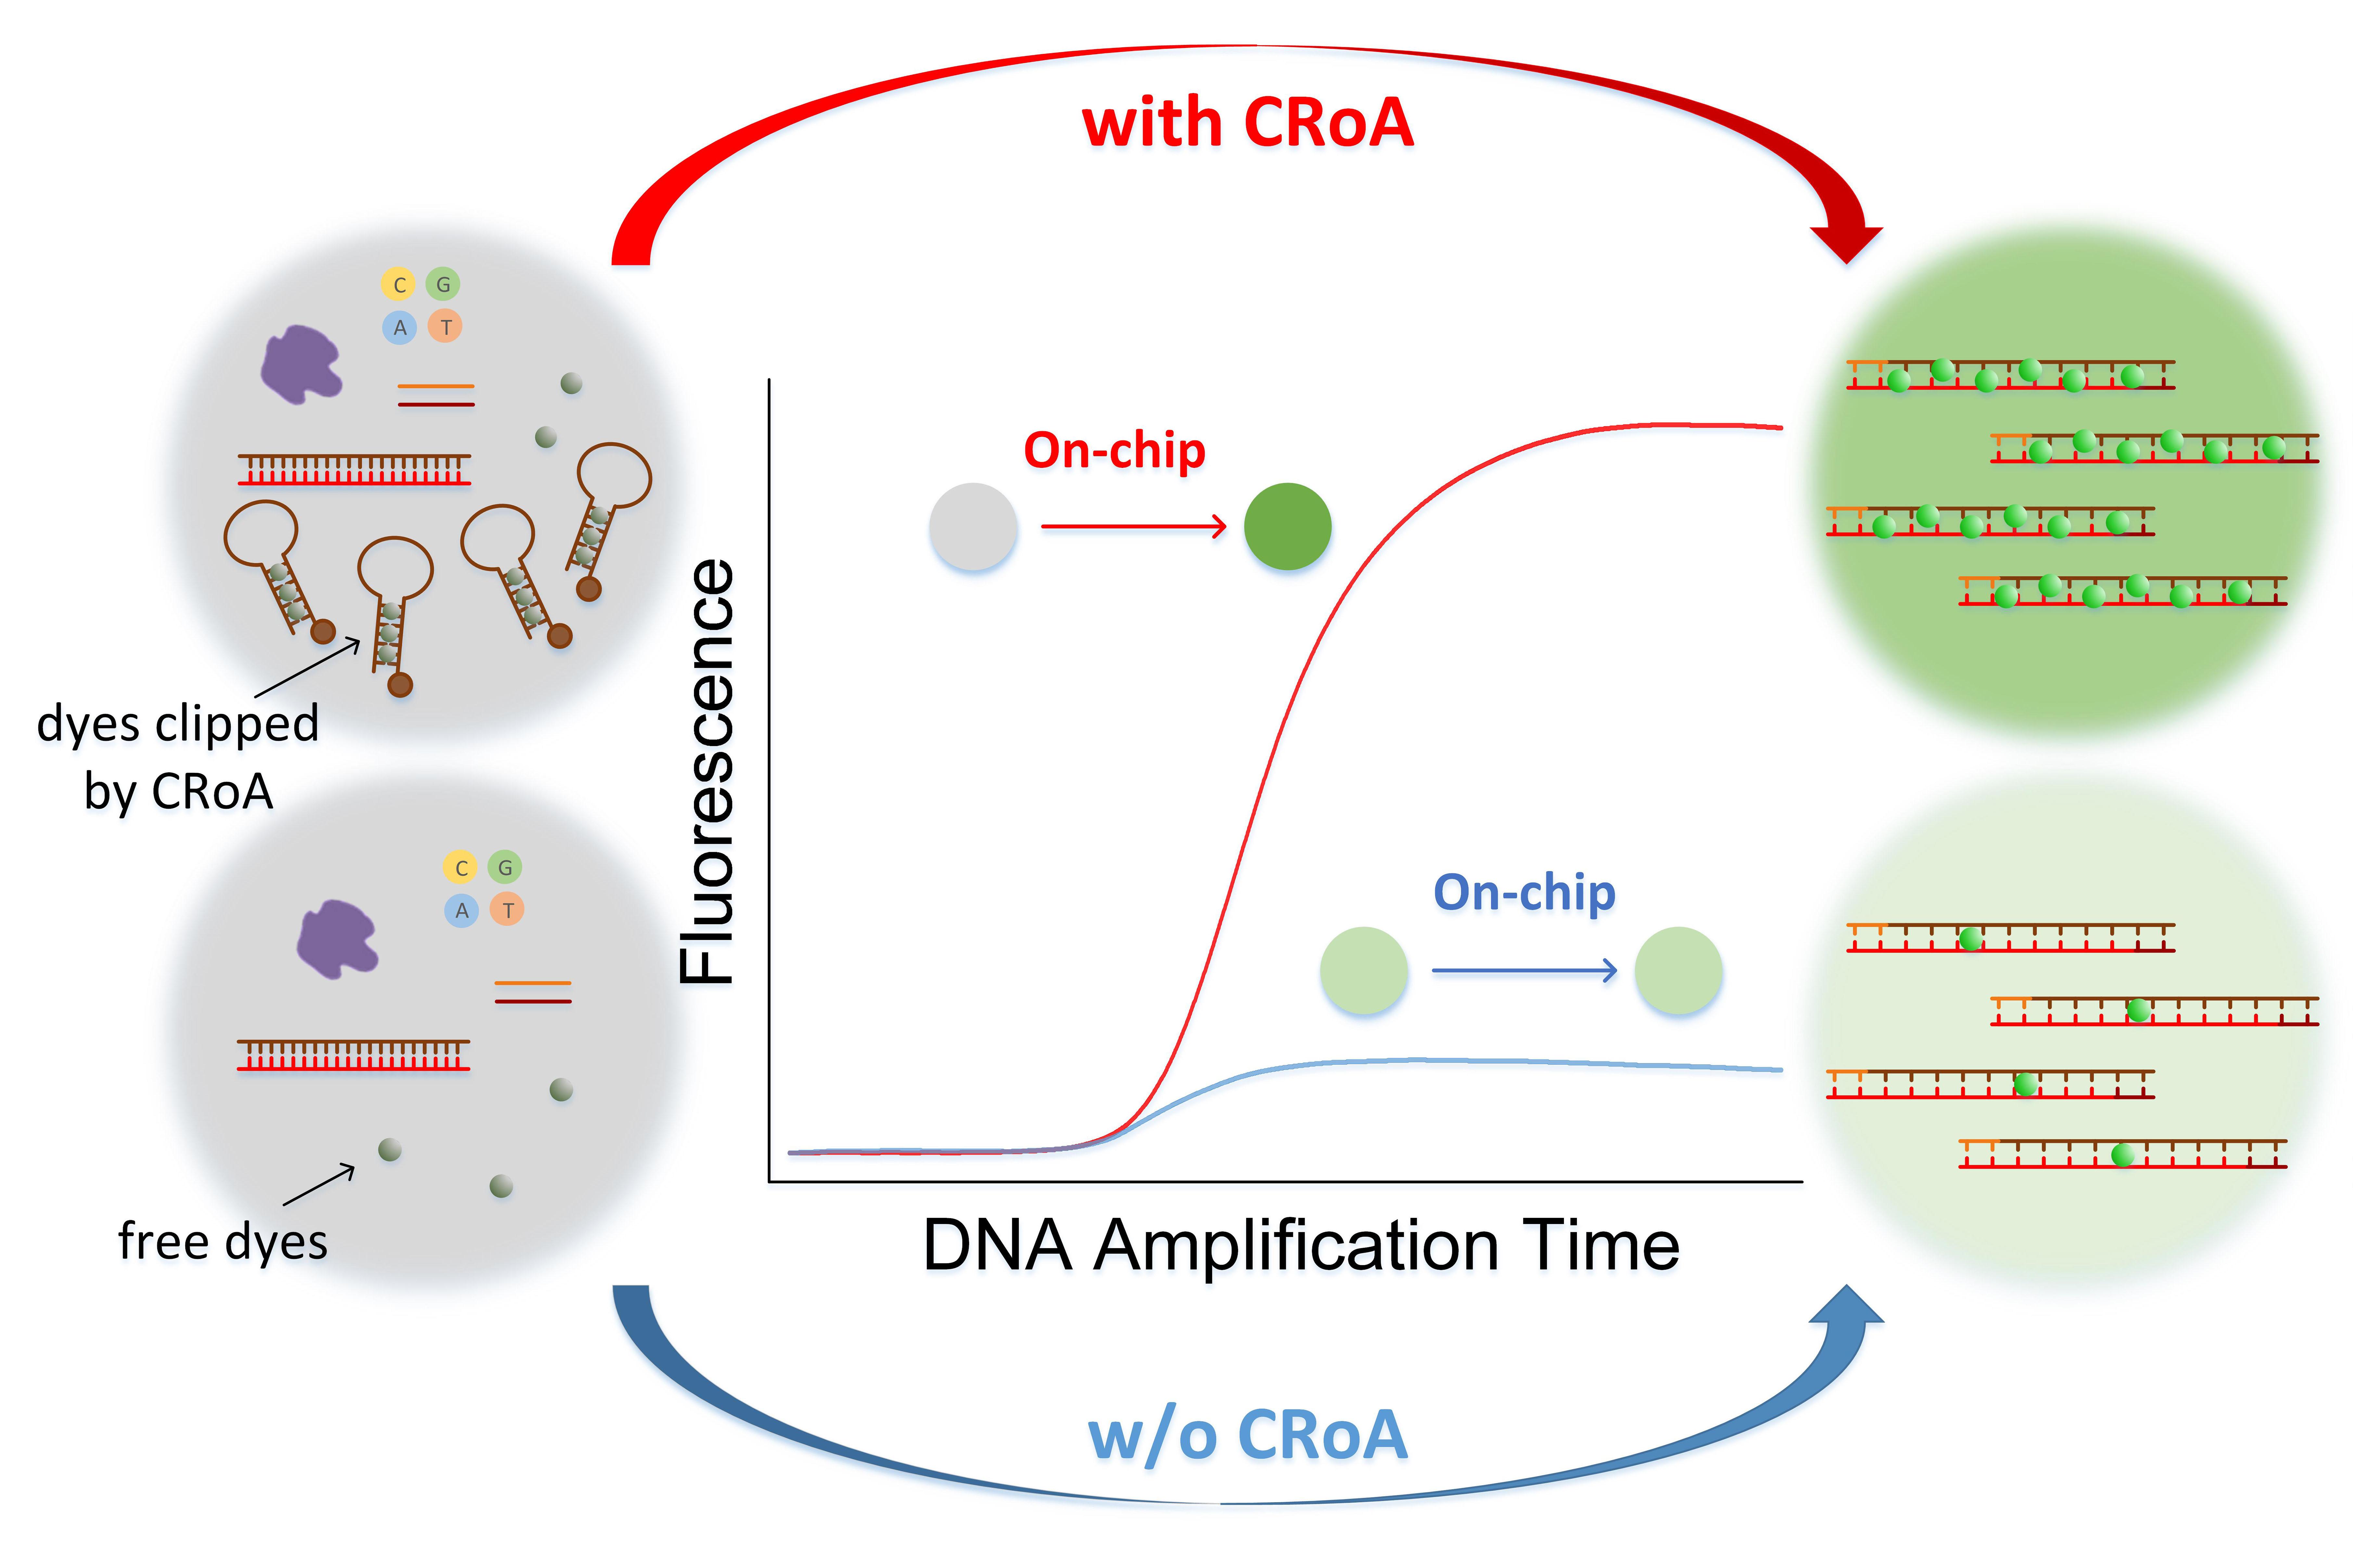 UM achieves new breakthrough in nucleic acid analysis technique